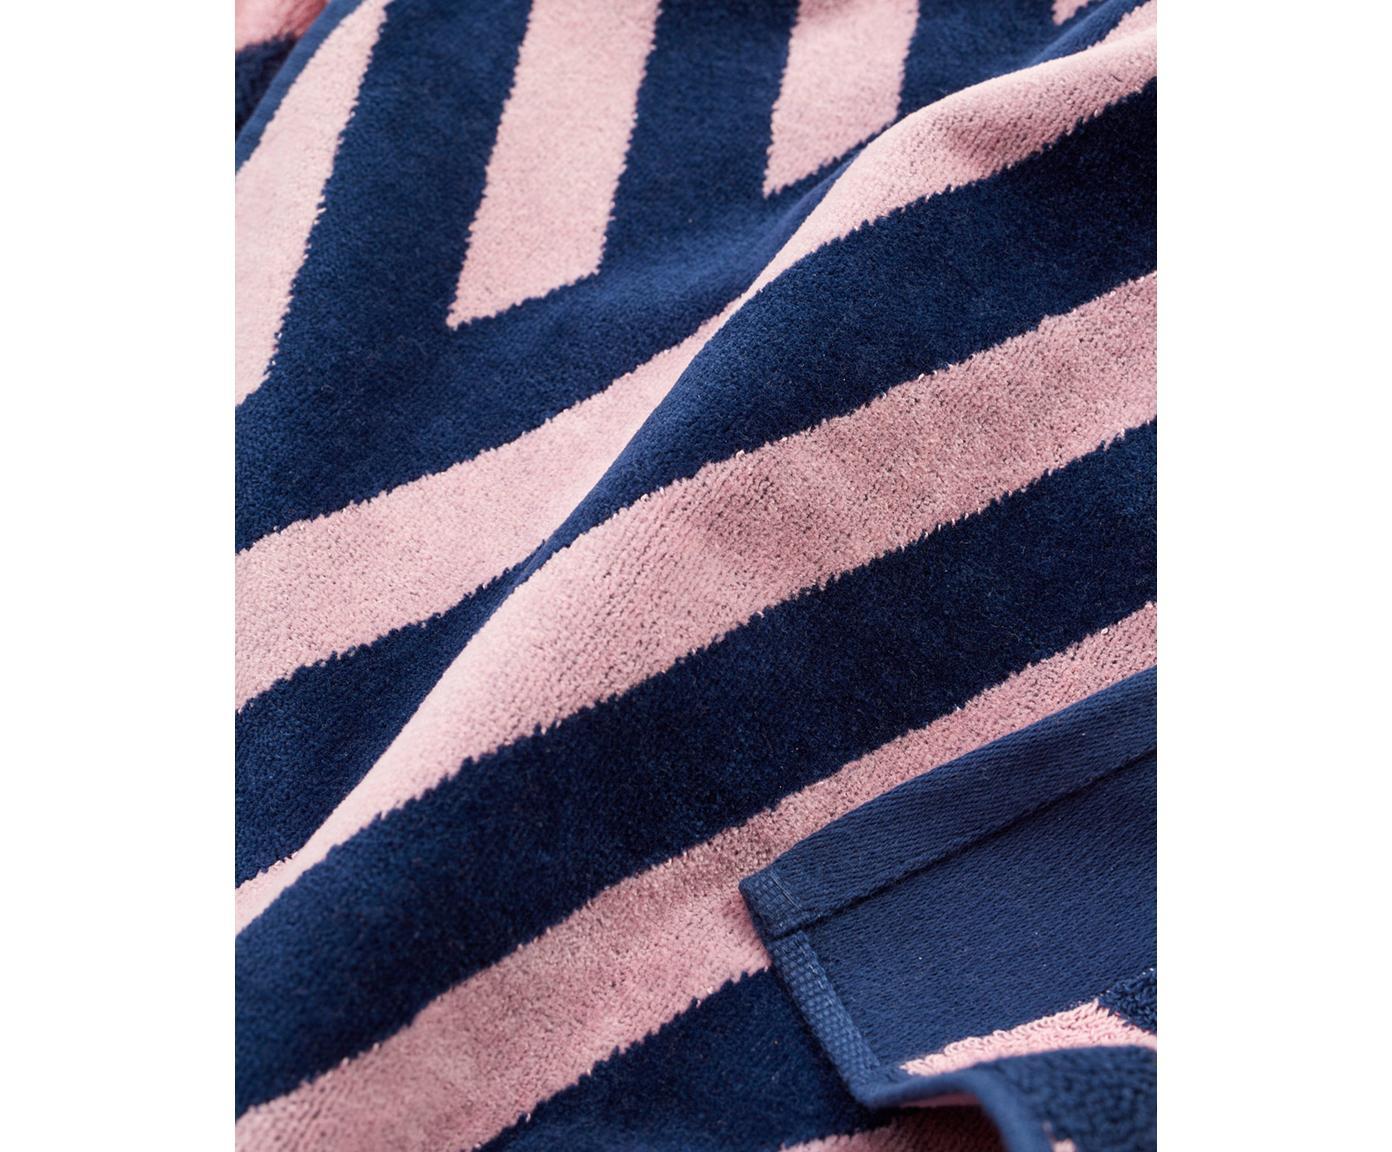 Ręcznik plażowy Bonsall, Bawełna organiczna, certyfikat GOTS, Średnia gramatura, 450 g/m², Ciemny niebieski, różowy, S 80 x D 180 cm